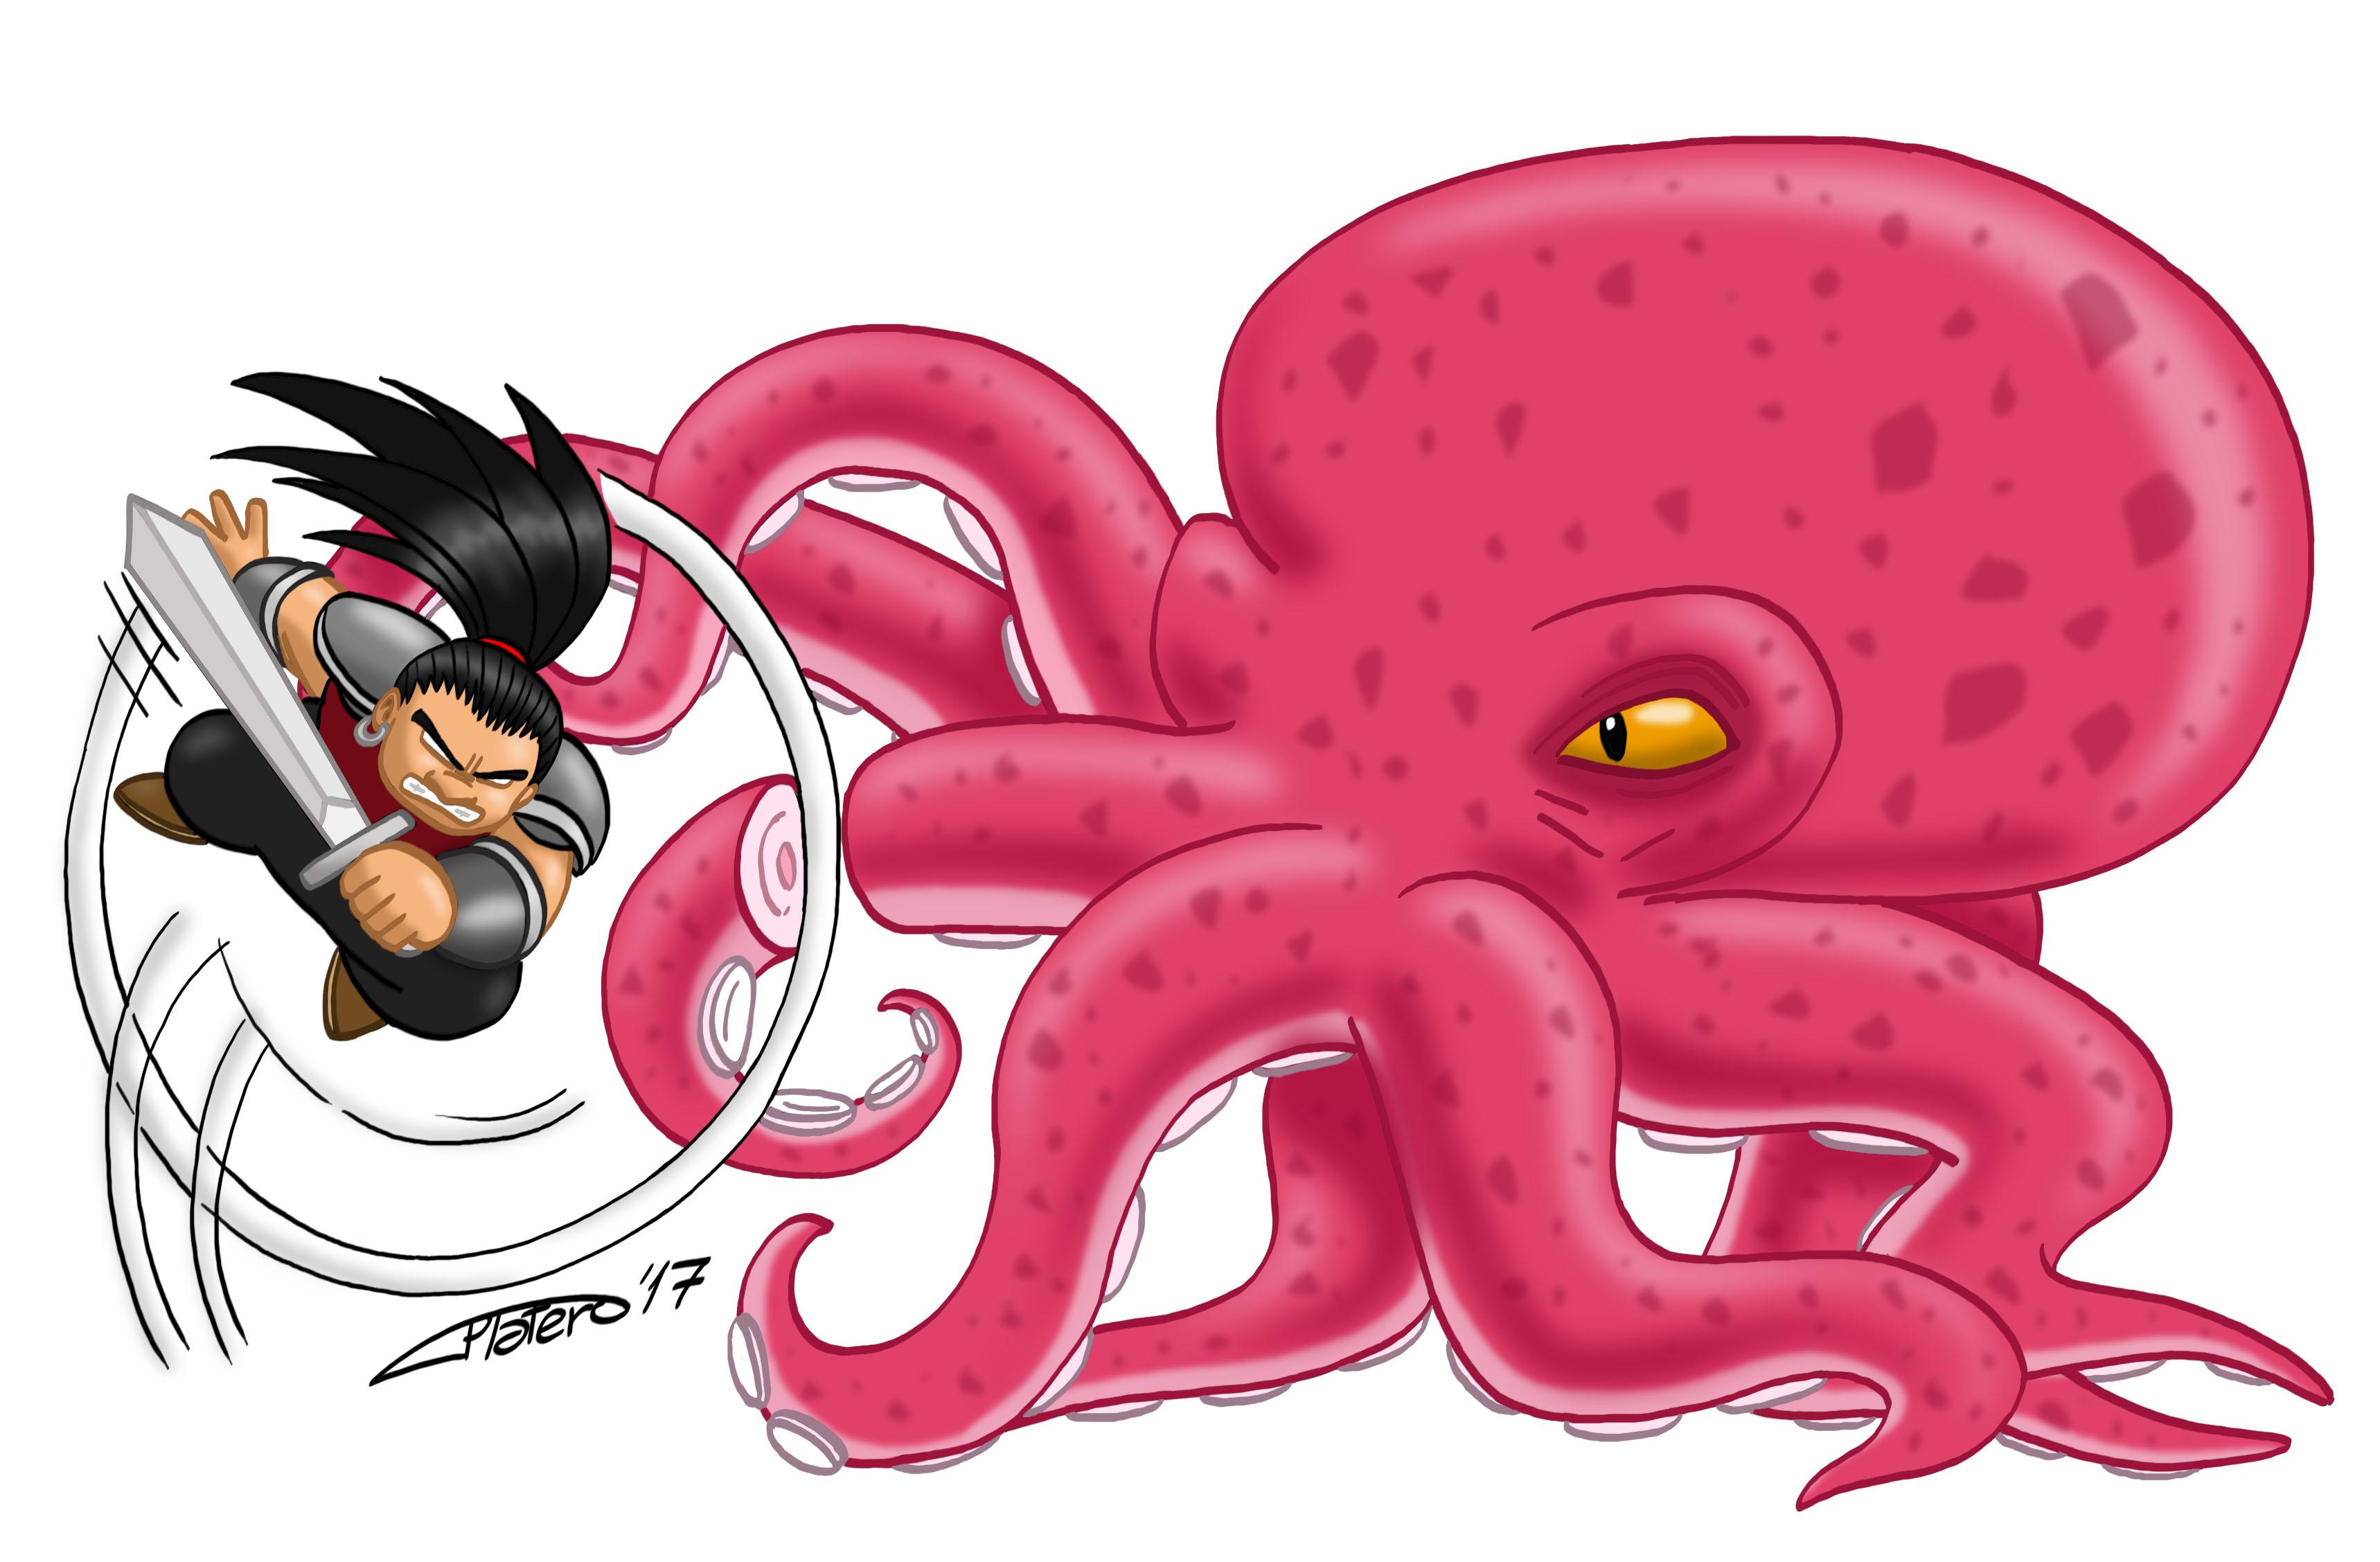 samurai_pulpo_monstruo_dibujo_comic_boceto_jose_luis_platero_fantasia_ilustracion